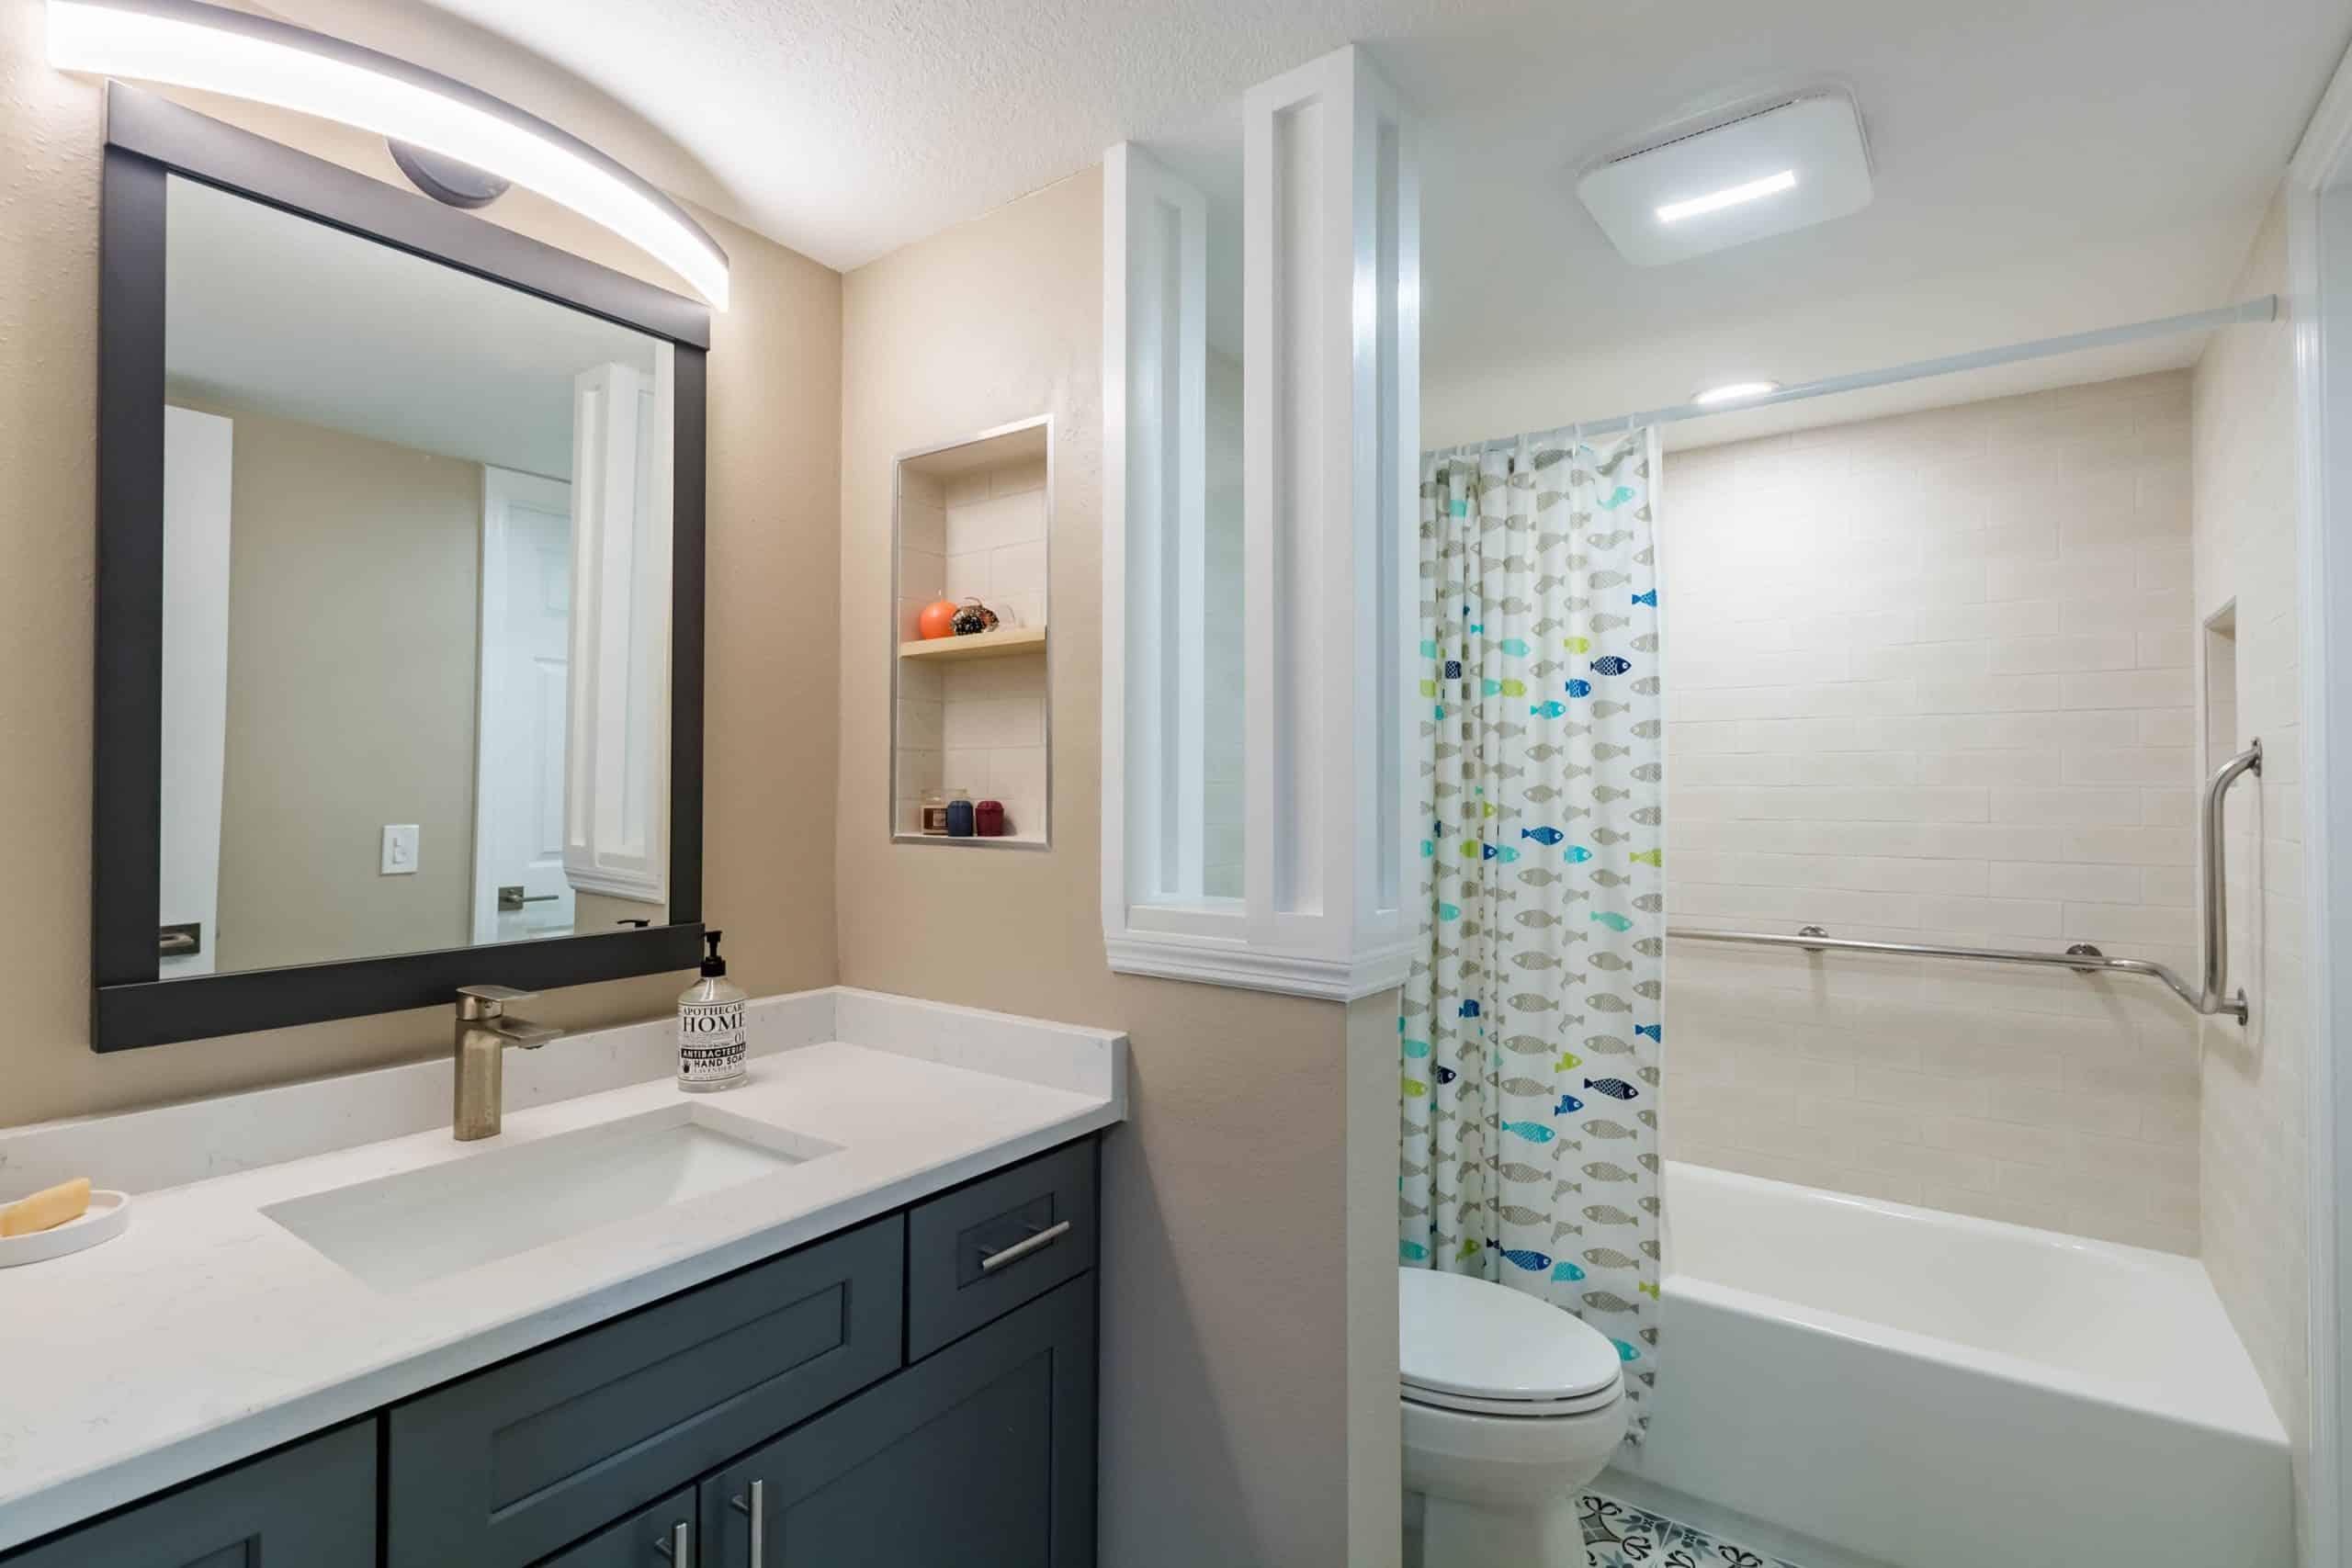 bathroom remodeling in pelican beach with handicap shower